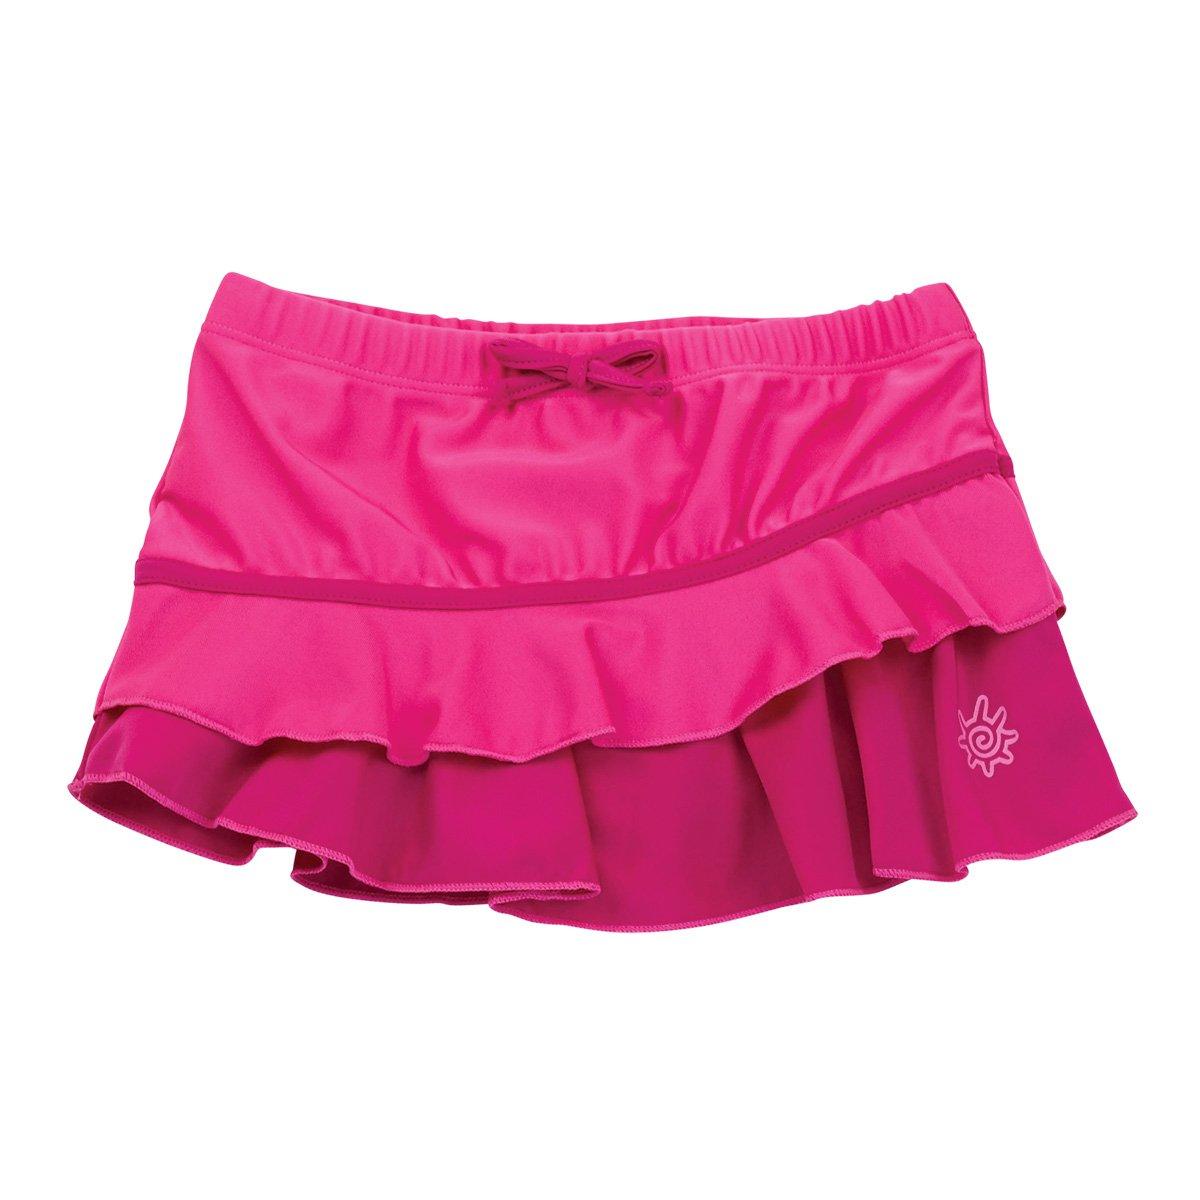 【訳あり】 UV UV SKINZ APPAREL ガールズ 2T Bubblegum/Hot Bubblegum/Hot Pink B01G7GFKE6 B01G7GFKE6, MyStyleヘアストア:f150918d --- vezam.lt